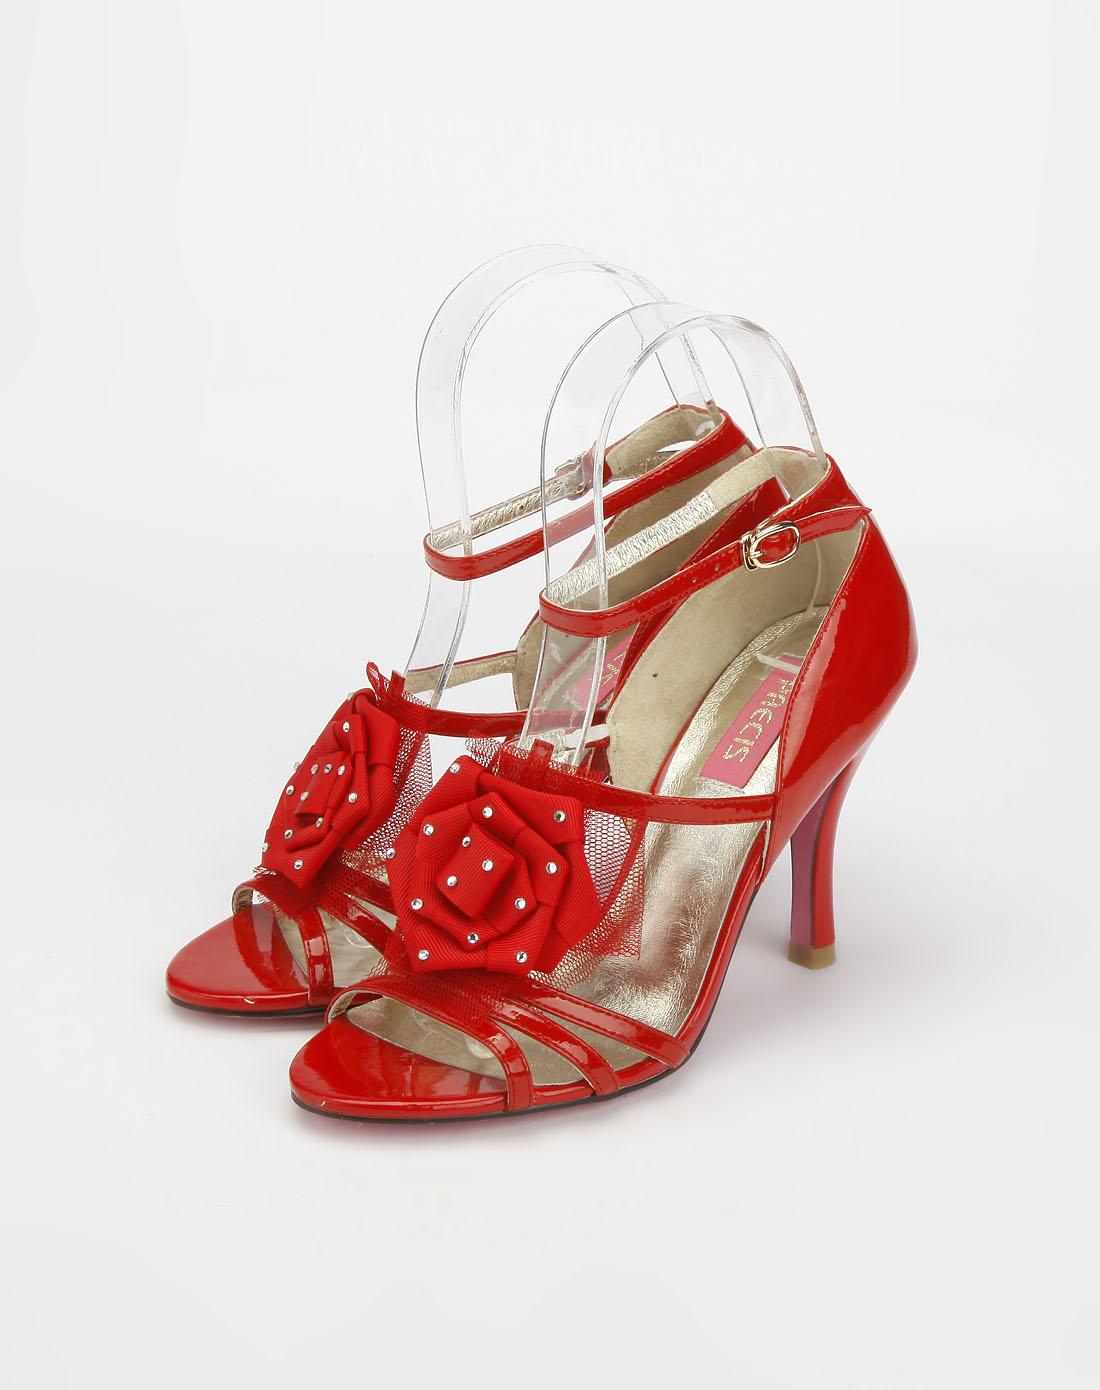 女款头层红色羊漆皮尖圆头高跟单鞋